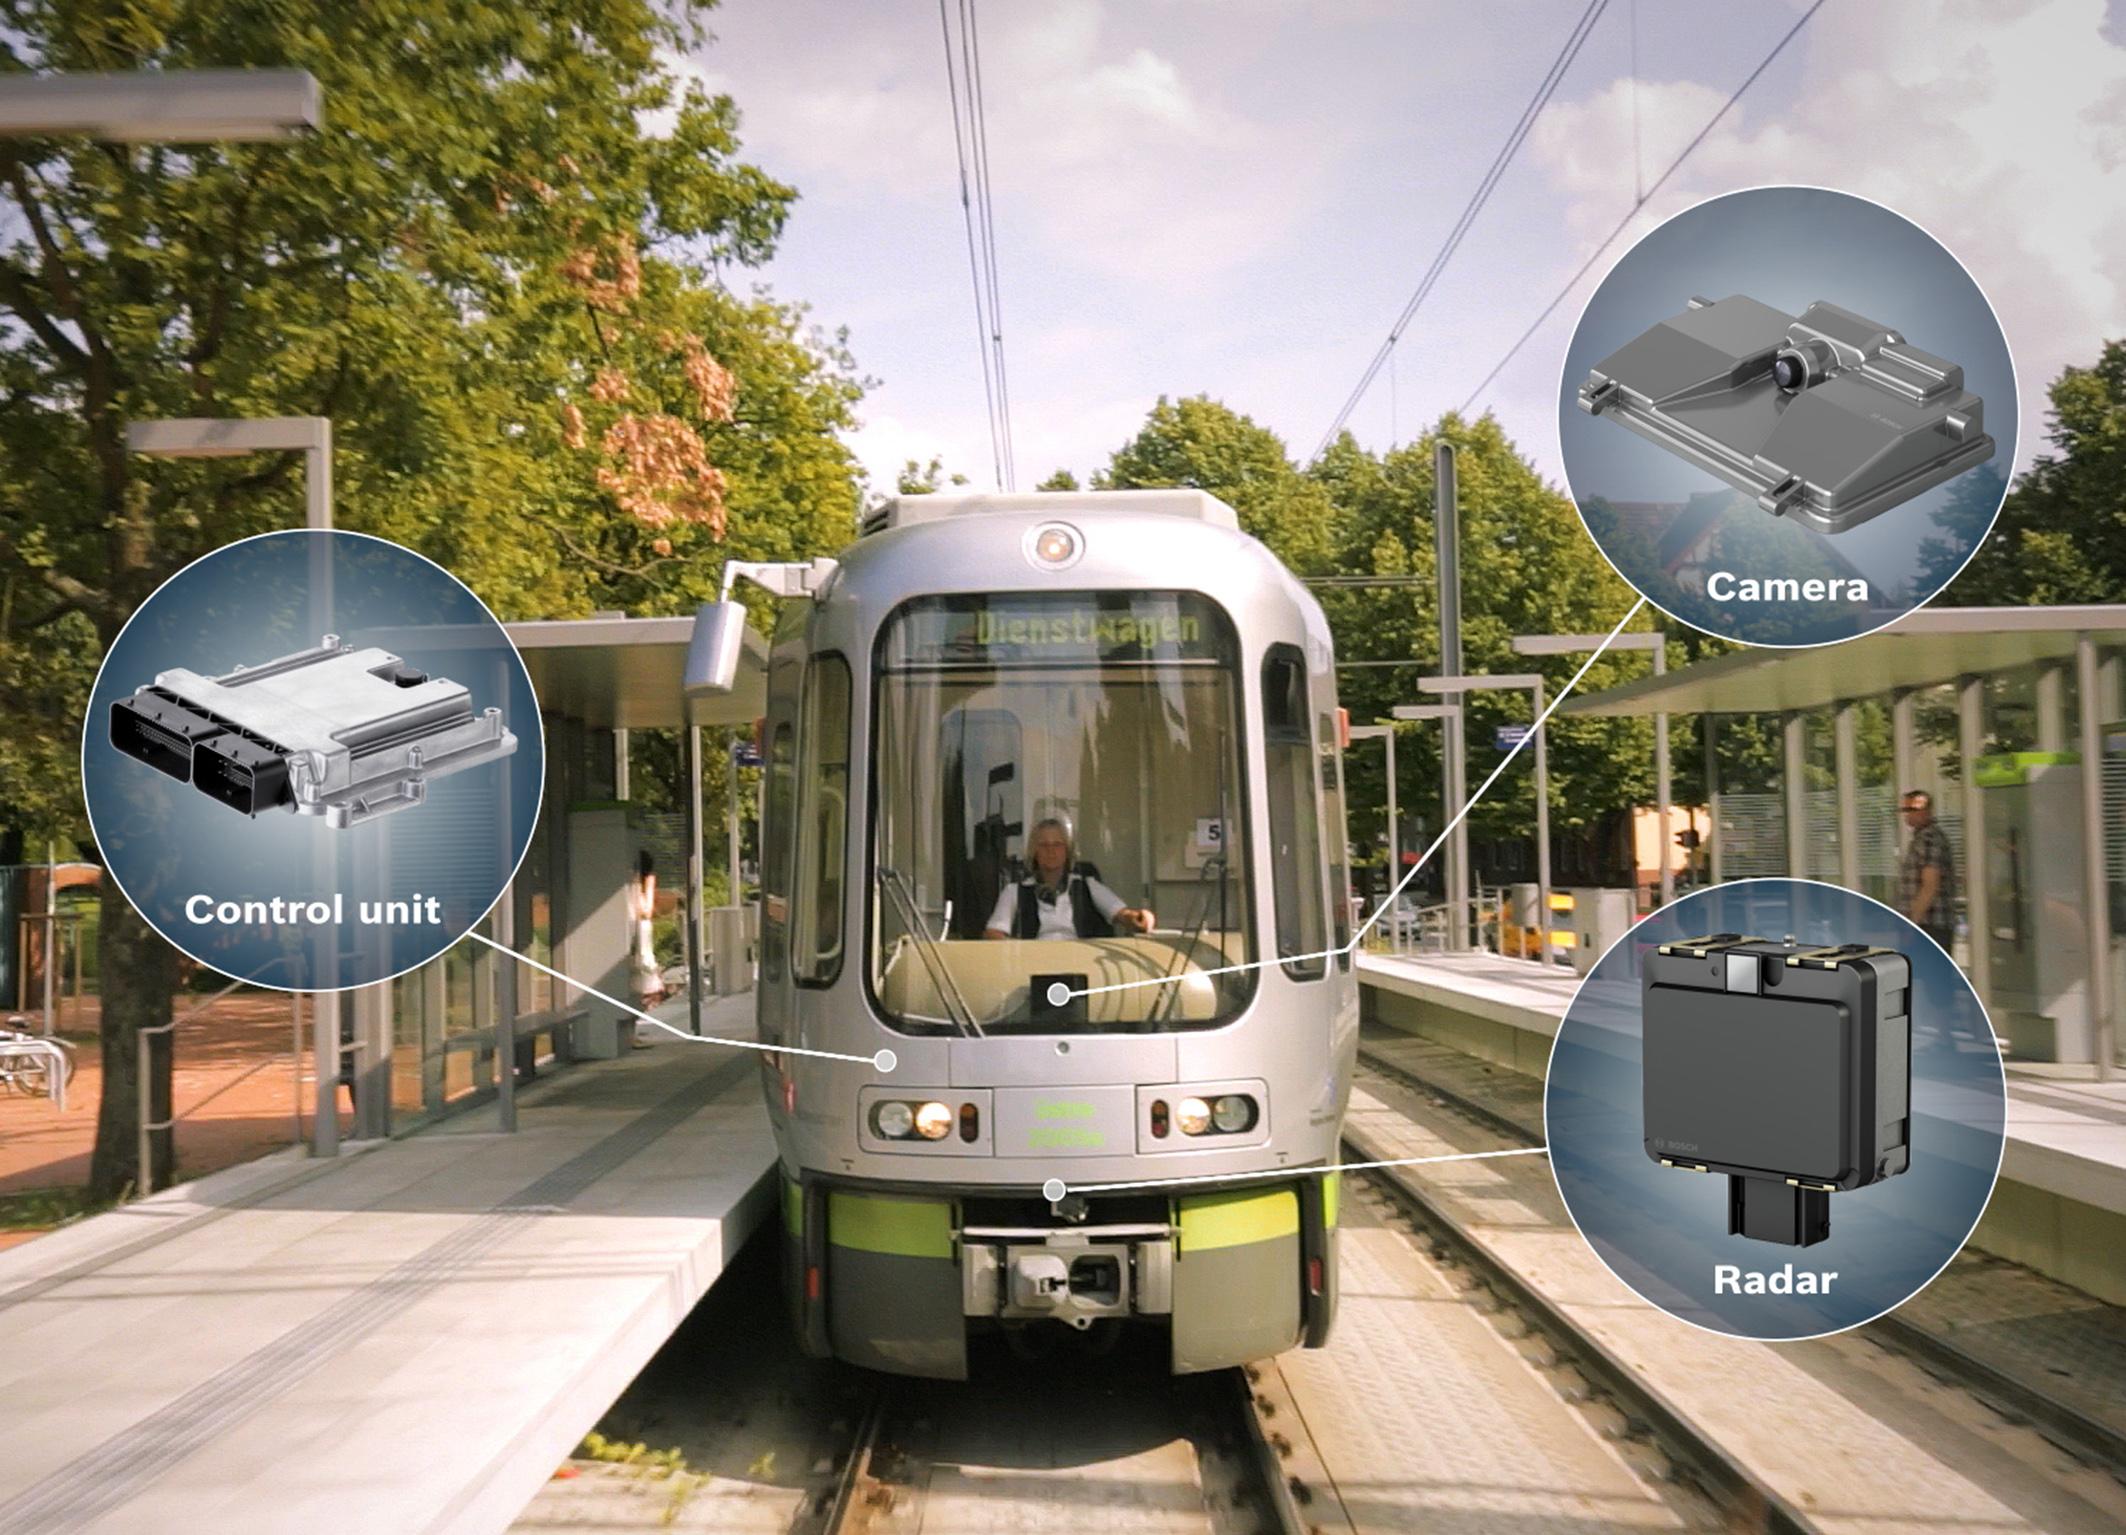 Система предупреждения об опасности столкновения для ж/д-транспорта от Bosch (ВИДЕО)